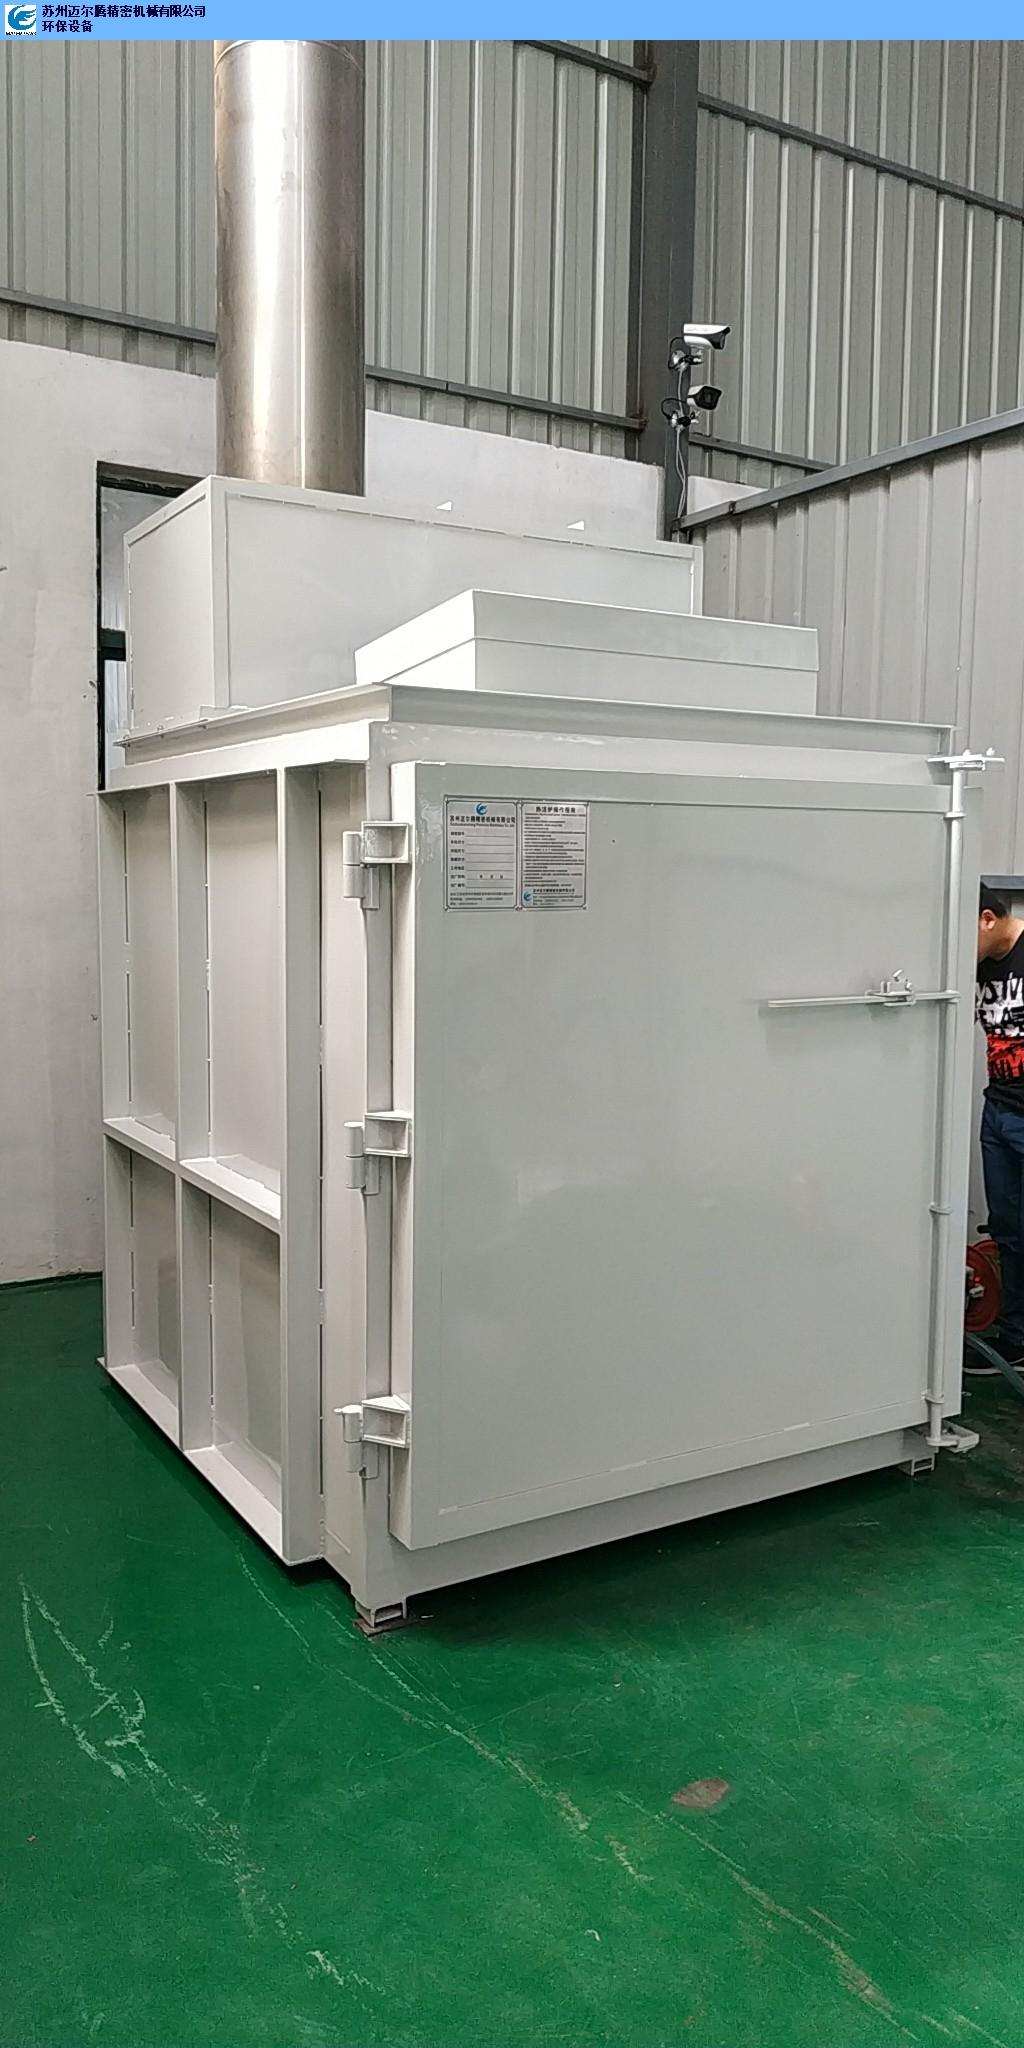 天津挂具热洁炉品牌 欢迎咨询 苏州迈尔腾精密机械供应